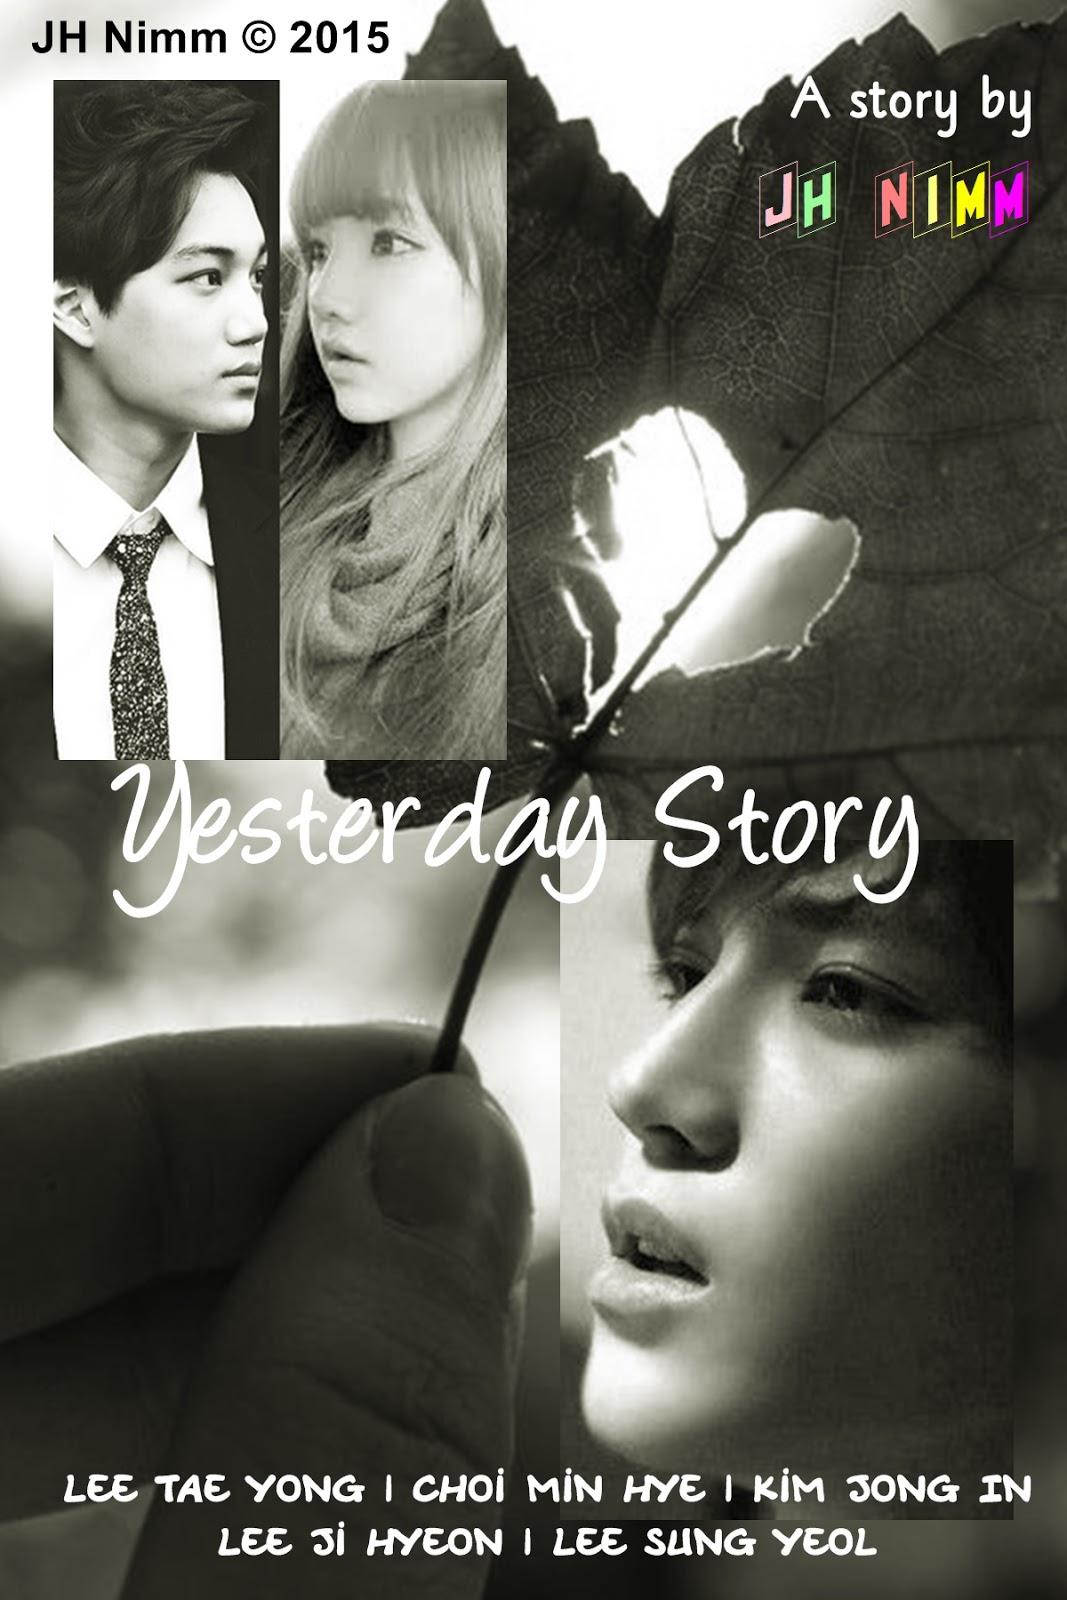 Yesterday Story